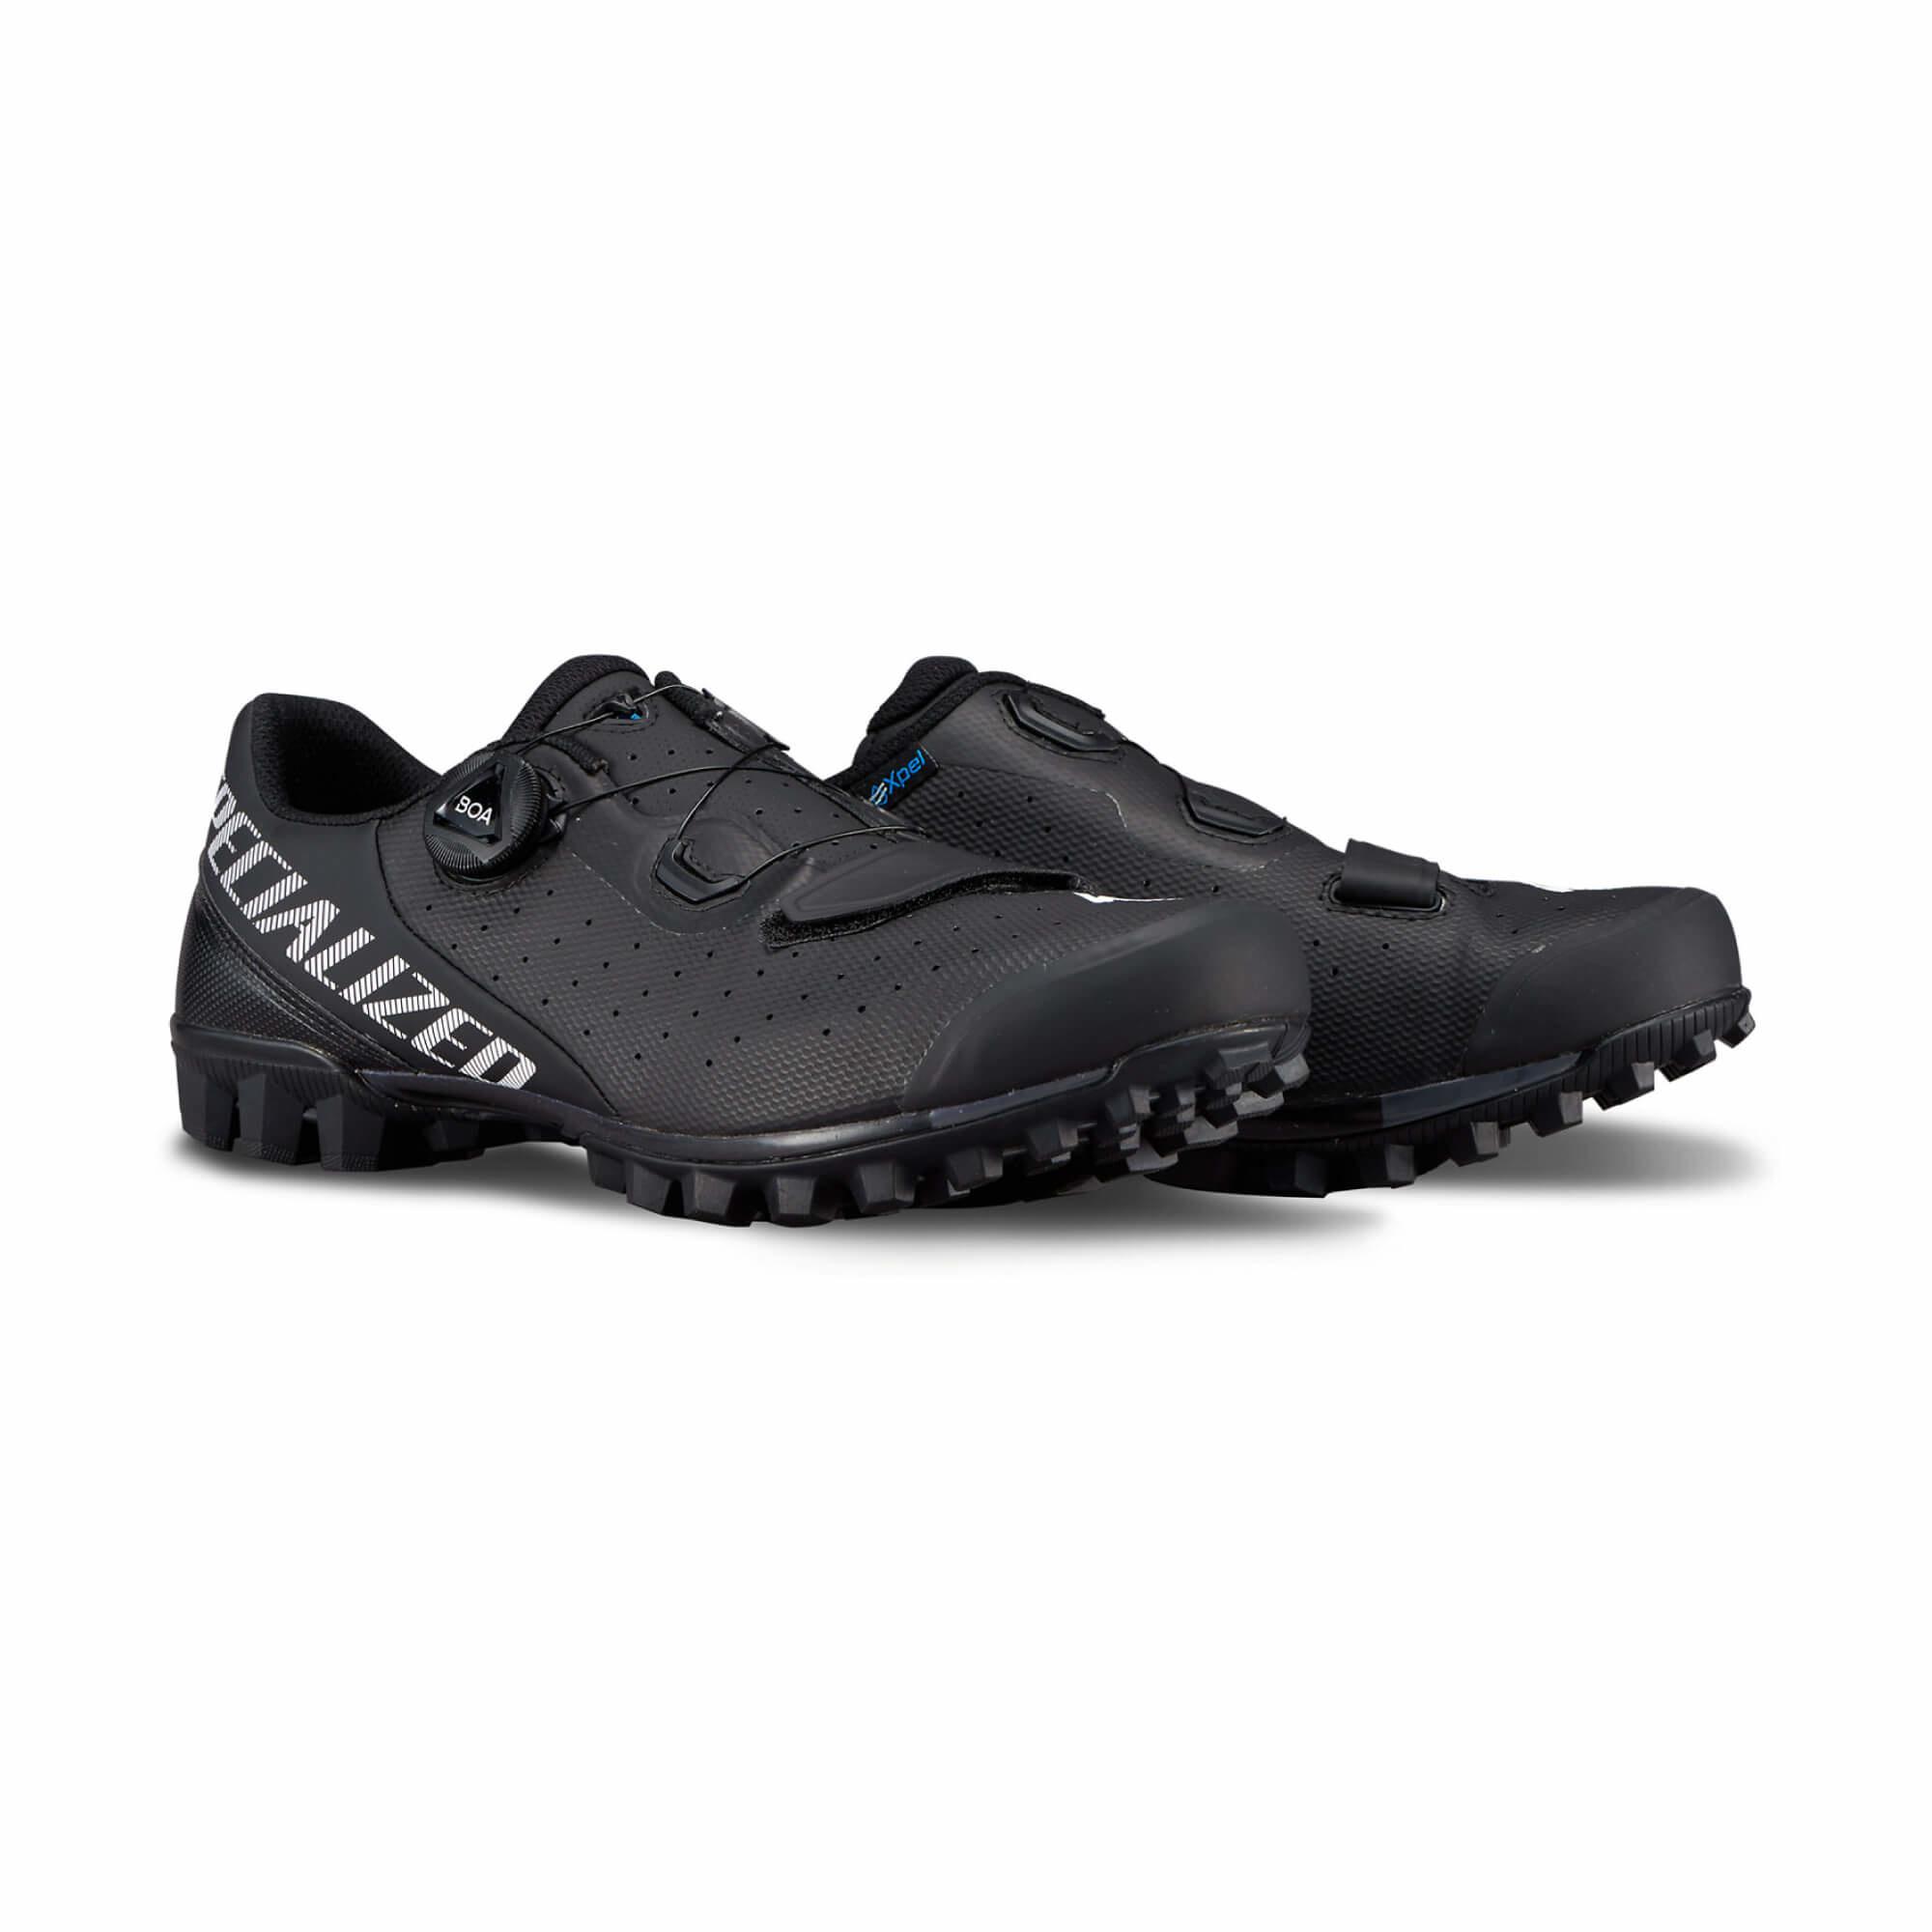 Recon 2.0 Mountain Bike Shoes-4